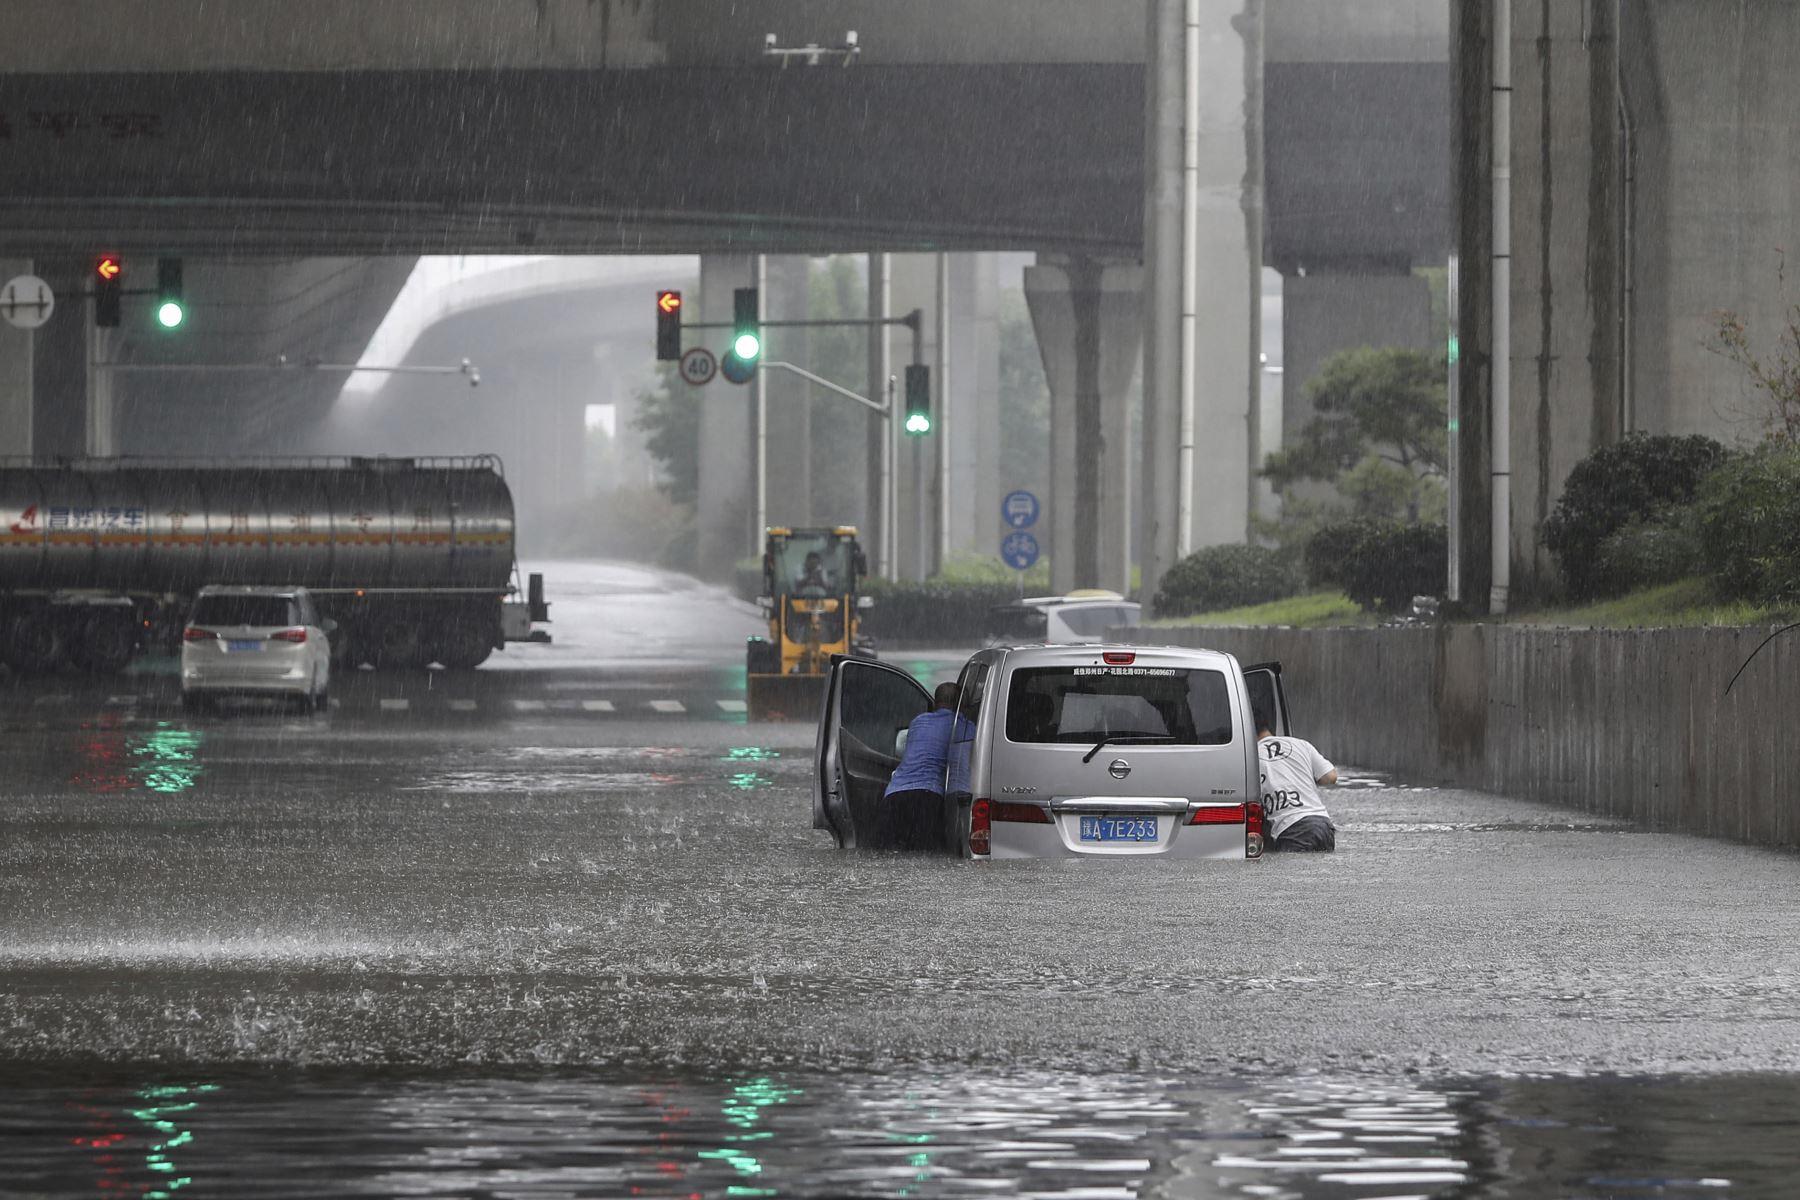 Personas tratan de empujar una camioneta atrapada tras las inundaciones por las fuertes lluvias en Zhengzhou, en la provincia de Henan, en China. Foto: AFP